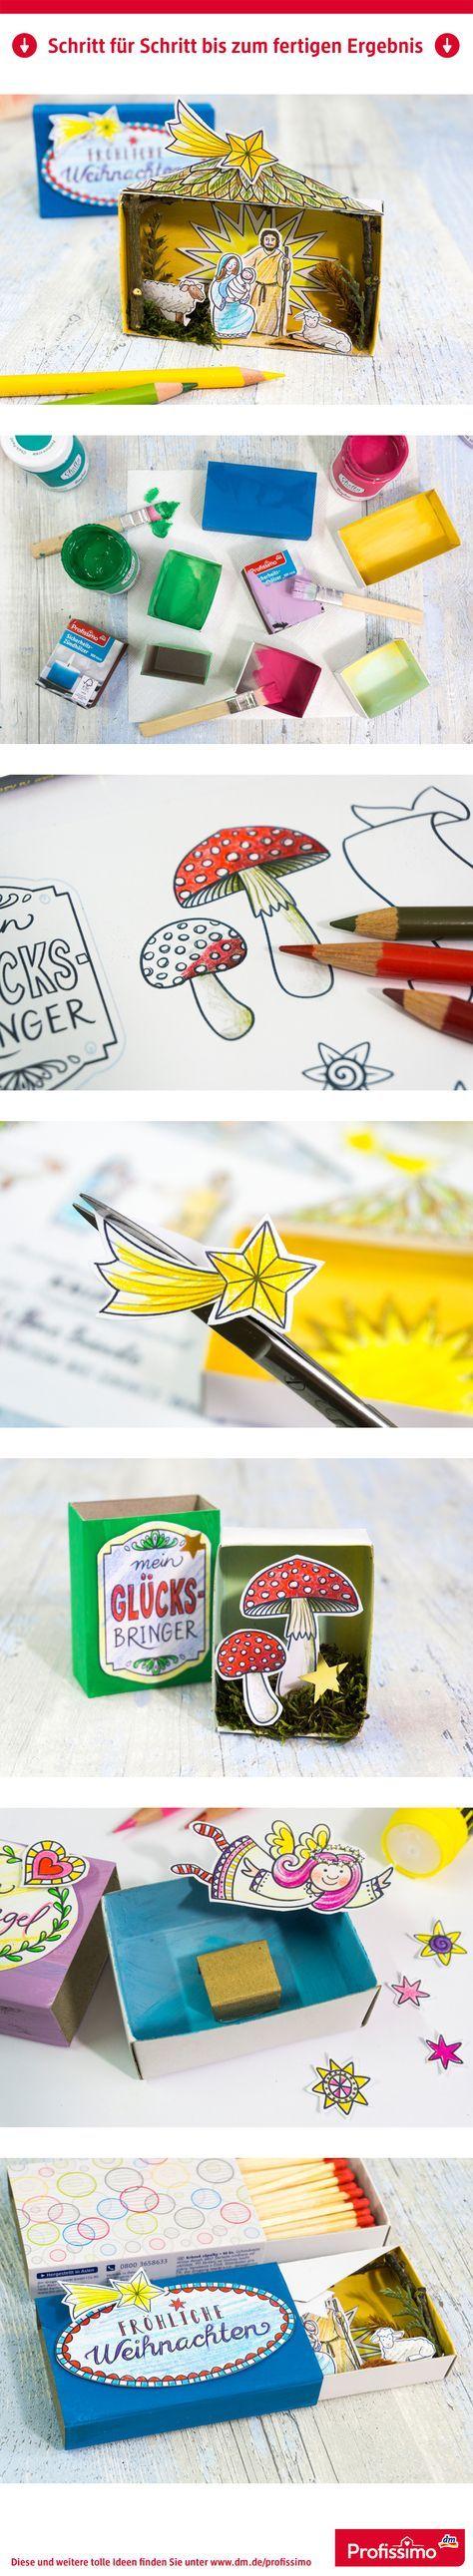 Hosentaschen-Krippe und kleine selbst gemachte Glücksbringer: Überraschung in der Zündholzschachtel // // Eine Schritt-für-Schritt Anleitung finden Sie auf dm.de/profissimo-kreativ // #ProfissimoKreativ #basteln #Idee #Kreativ #DIY